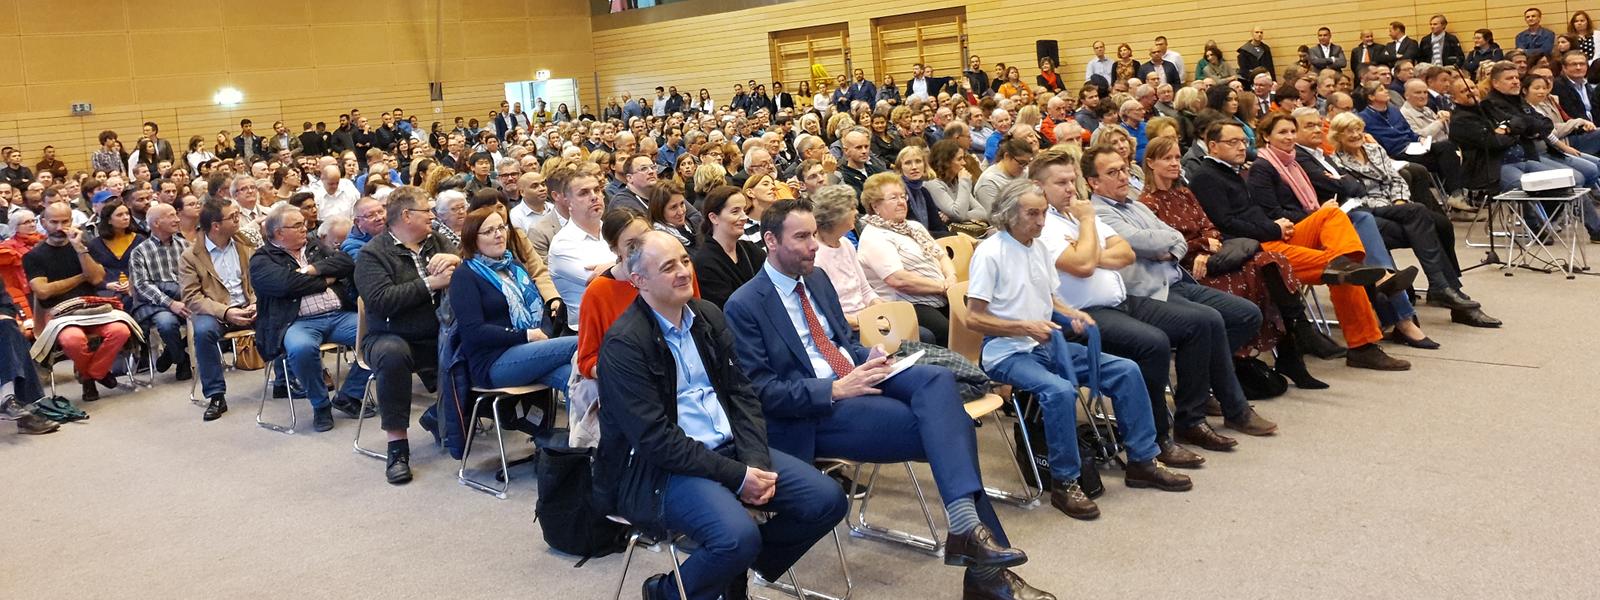 Mehrere hundert Bürger hatten sich am Mittwoch im Sportsaal an der Rue de Strasbourg eingefunden, um ihren Unmut kund zu tun.